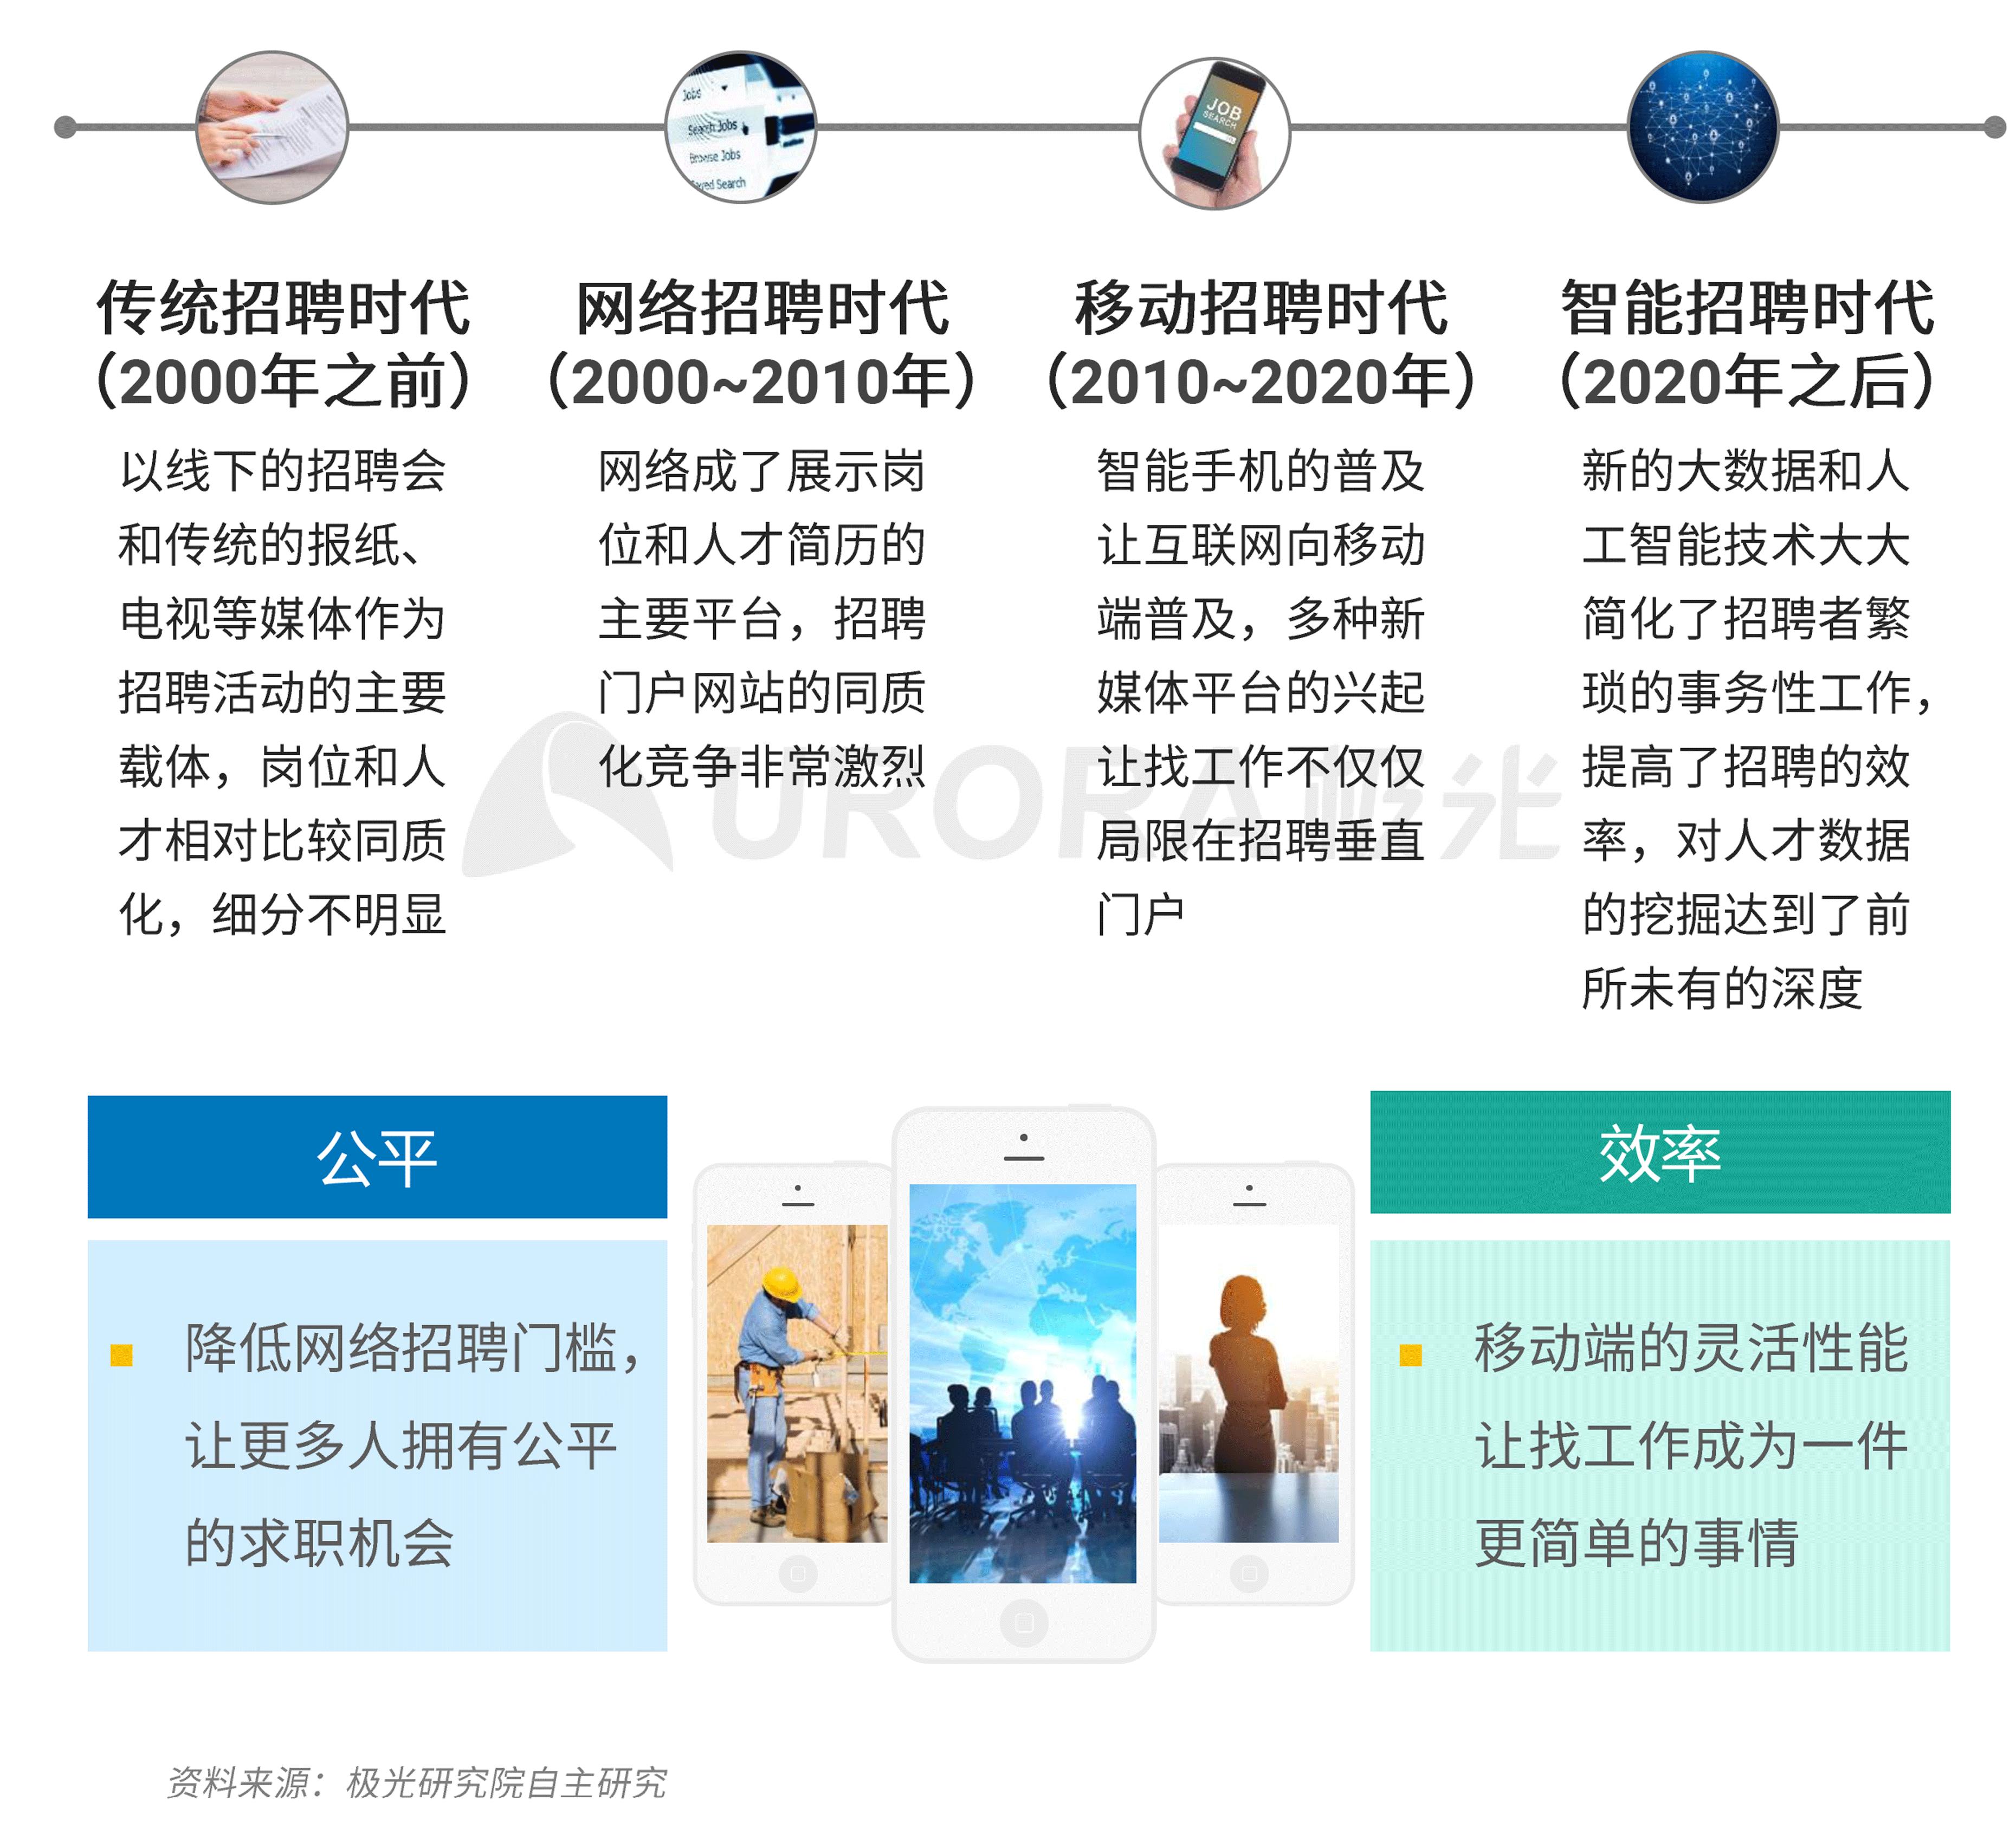 """""""超职季""""招聘行业报告-技术篇 (1).png"""